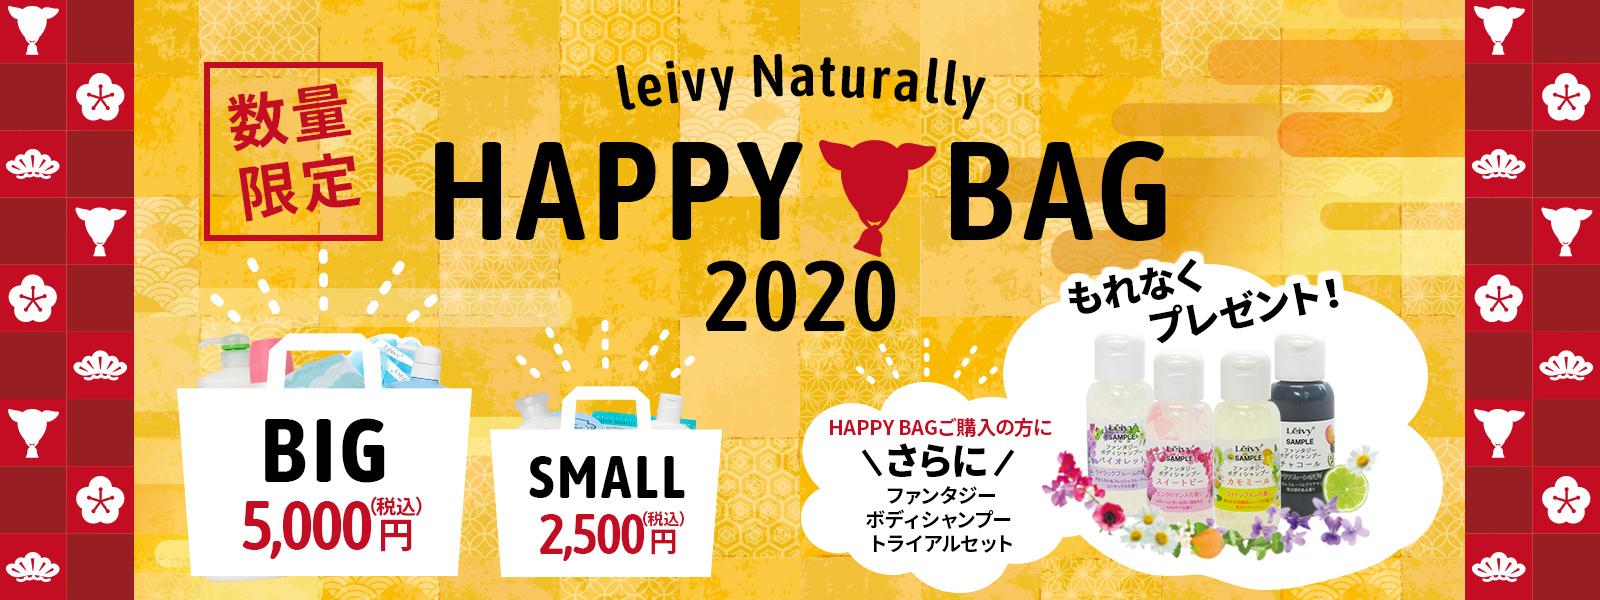 2020年レイヴィーナチュラリーの数量限定HAPPY BAG